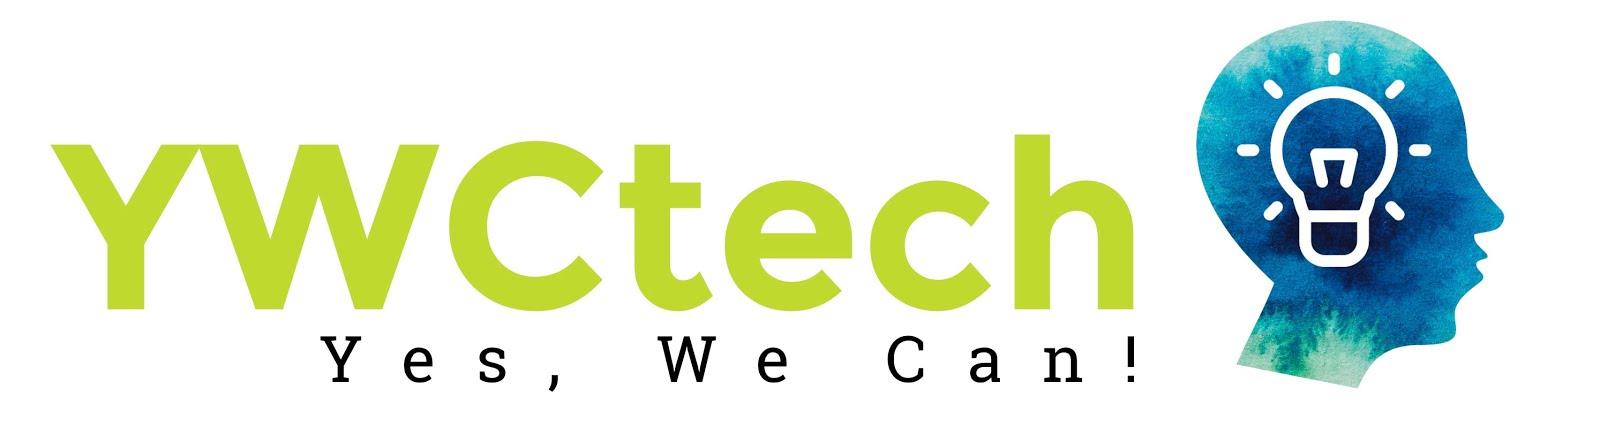 YWC Tech